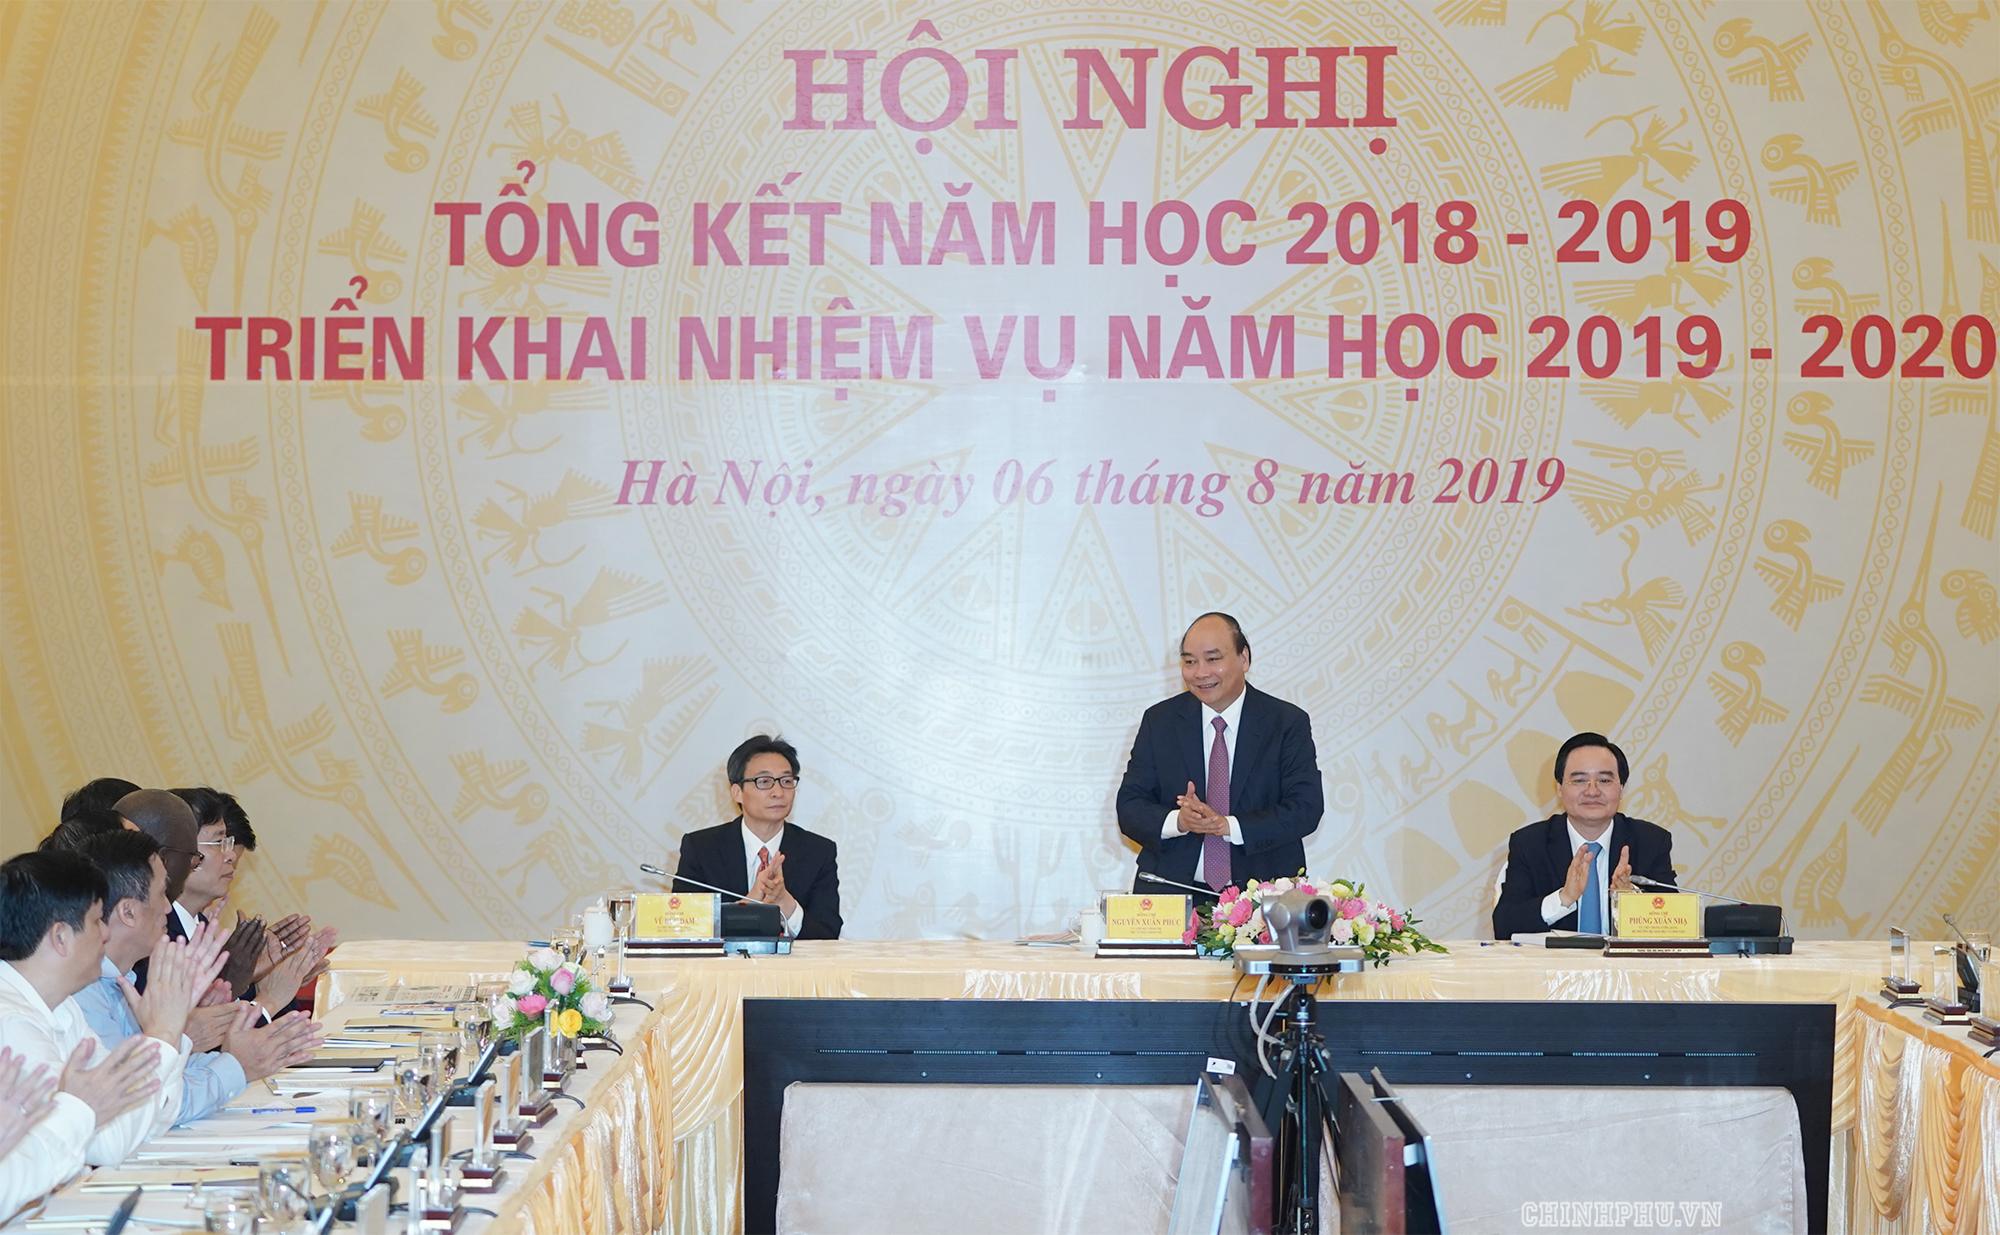 Thủ tướng Nguyễn Xuân Phúc, Phó Thủ tướng Vũ Đức Đam dự Hội nghị. Ảnh: VGP/Quang Hiếu